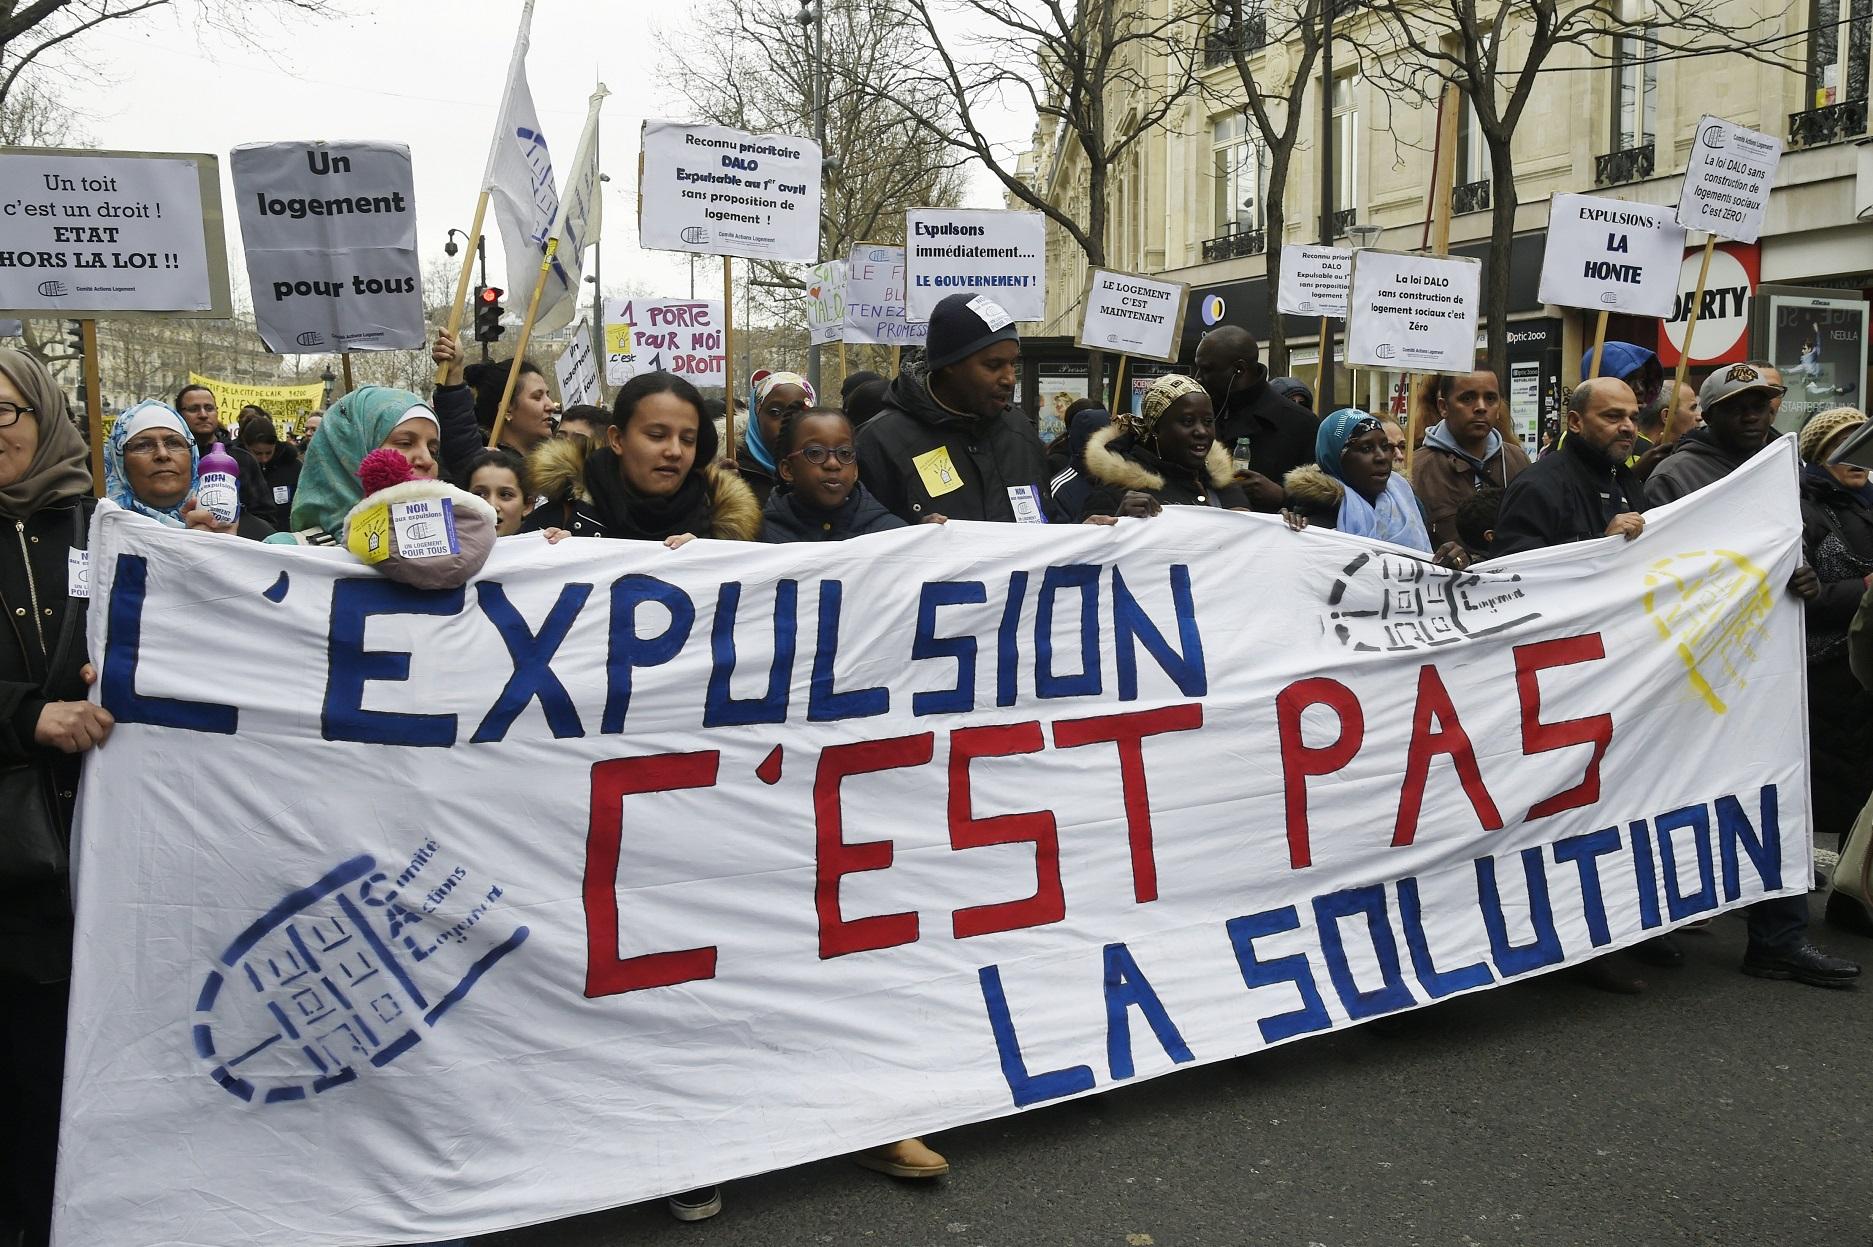 Manifestantes em Paris protestam contra os despejos na cidade. Só em 2015 foram mais de 60 mil. Foto de Dominique Faget/AFP